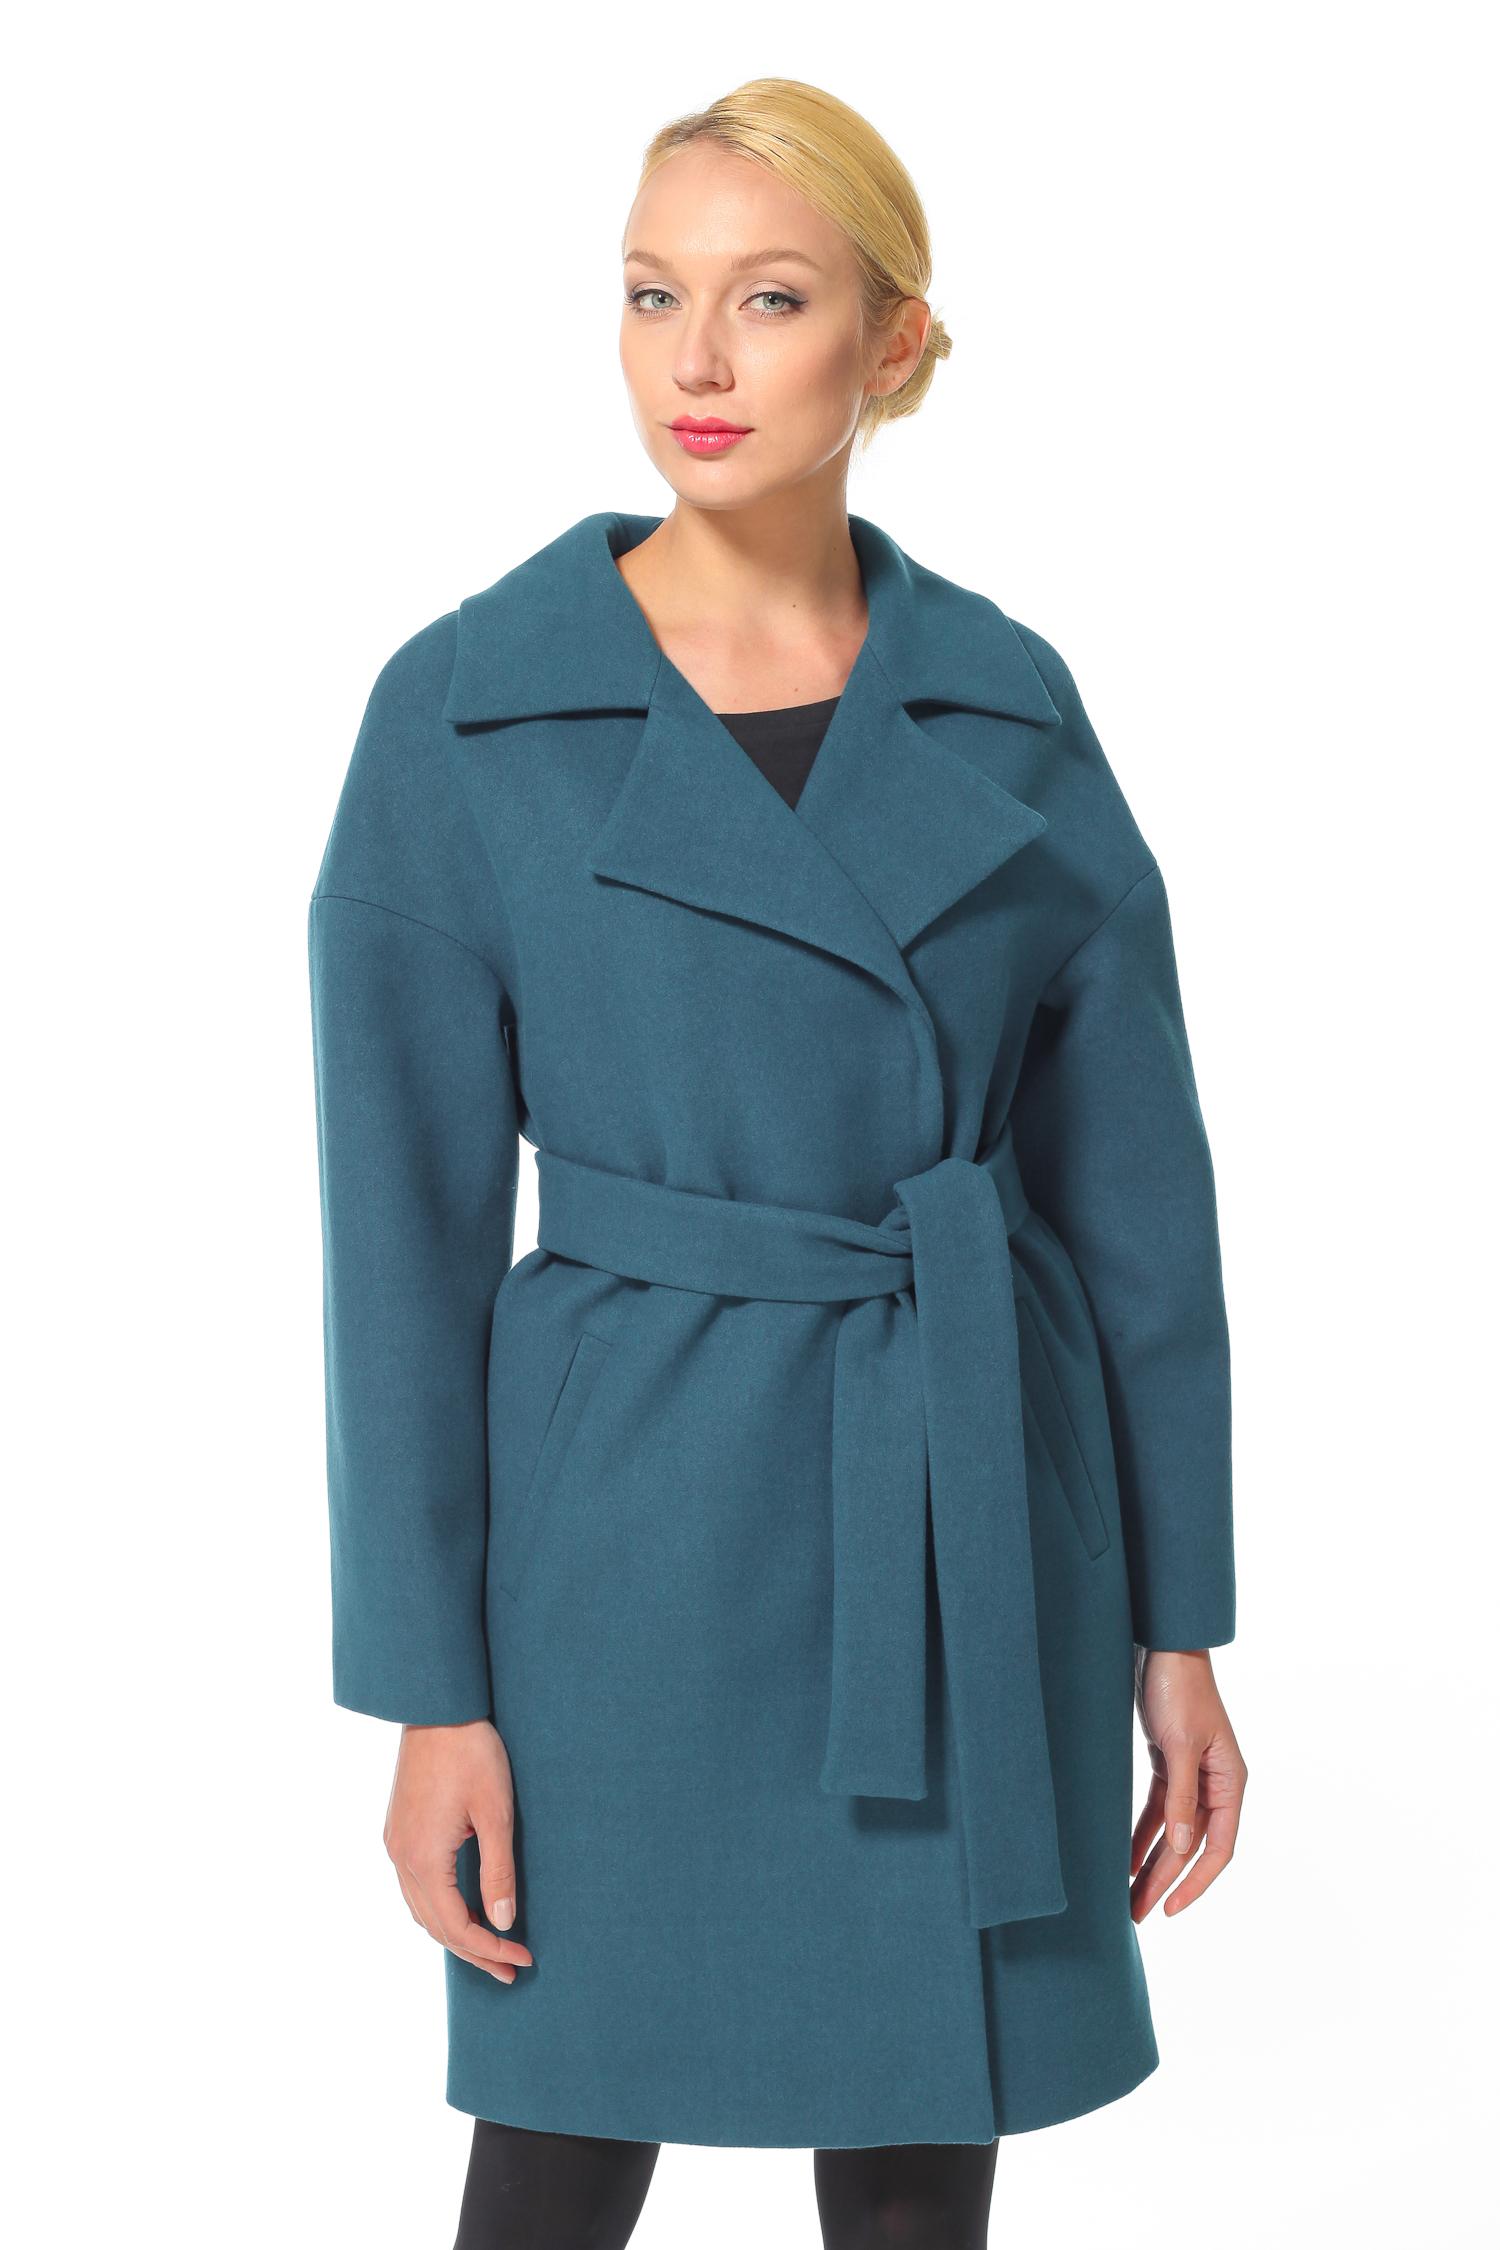 Женское пальто с воротником, без отделки<br><br>Воротник: английский<br>Длина см: Длинная (свыше 90)<br>Материал: Текстиль<br>Цвет: голубой<br>Вид застежки: двубортная<br>Застежка: на пуговицы<br>Пол: Женский<br>Размер RU: 44